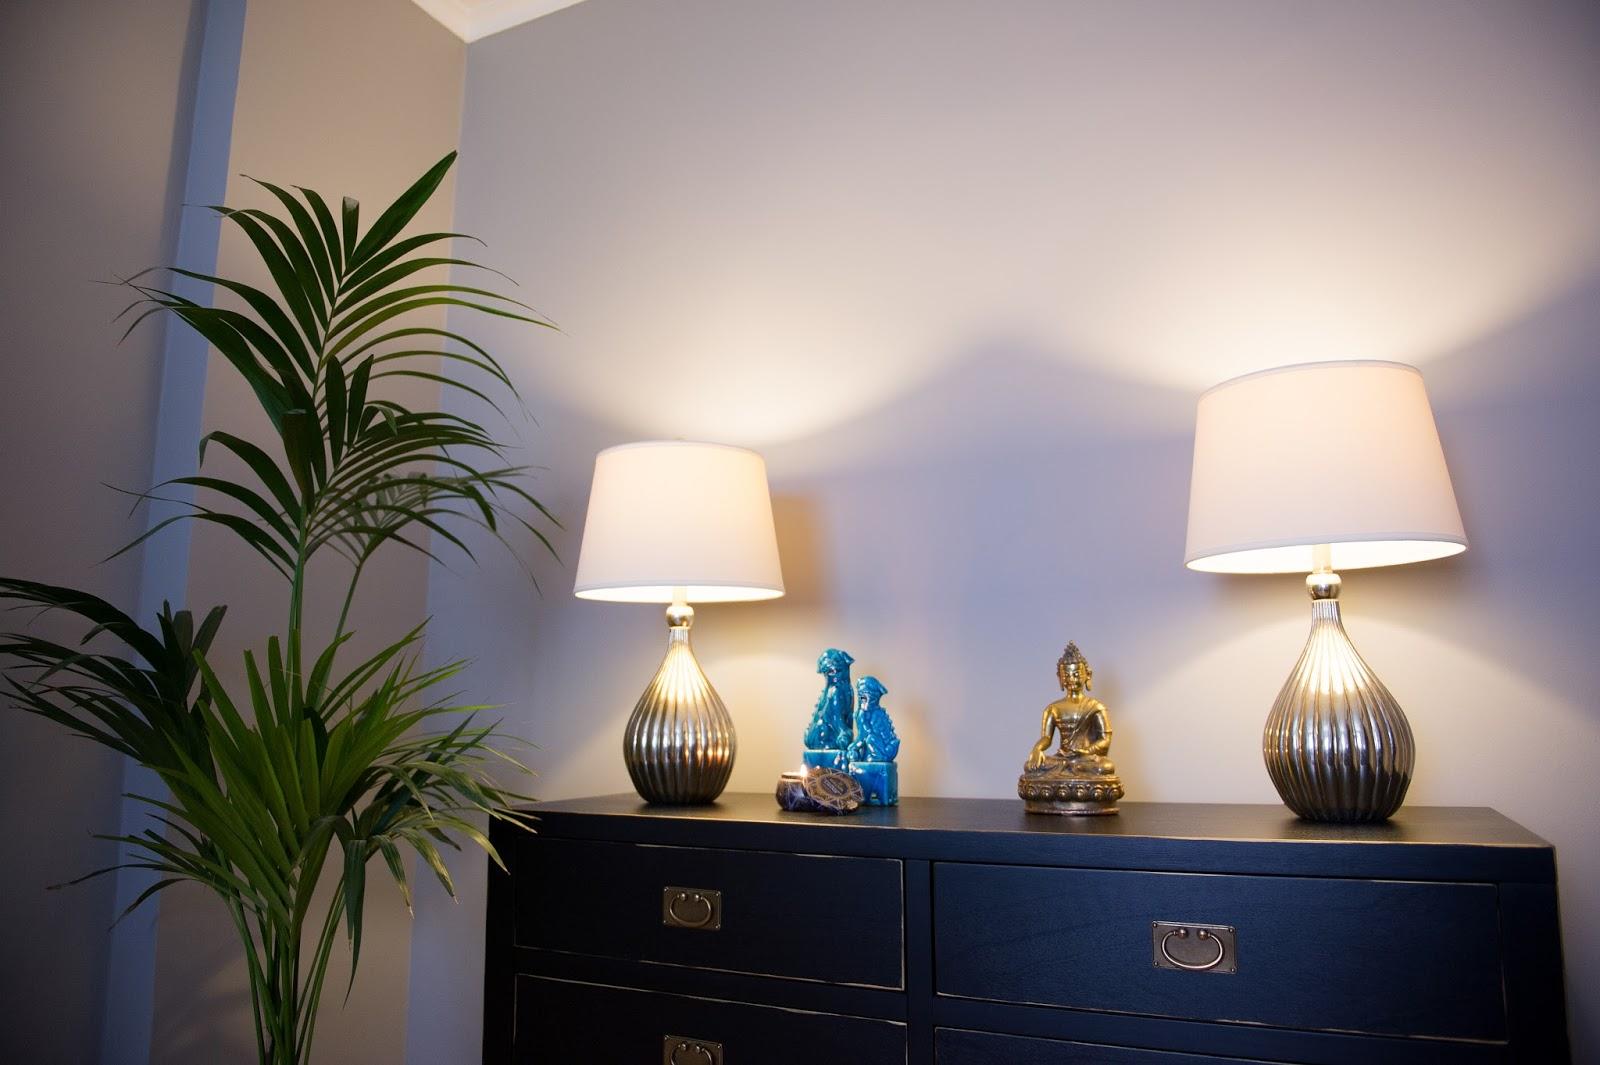 bastian der wohnprinz wohnblogger im videoformat alpina feine farben nebel im november. Black Bedroom Furniture Sets. Home Design Ideas